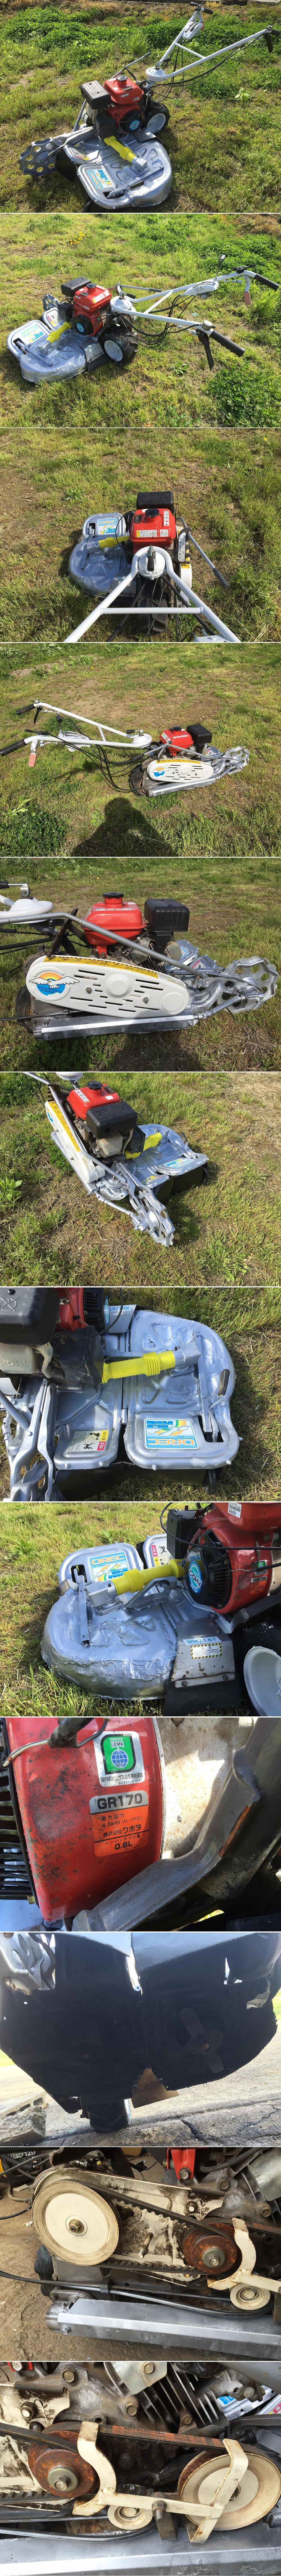 オーレック ウィングモア 二面畦 (あぜ) 草刈機 6馬力 WM716T 二駆 整備塗装済 中古